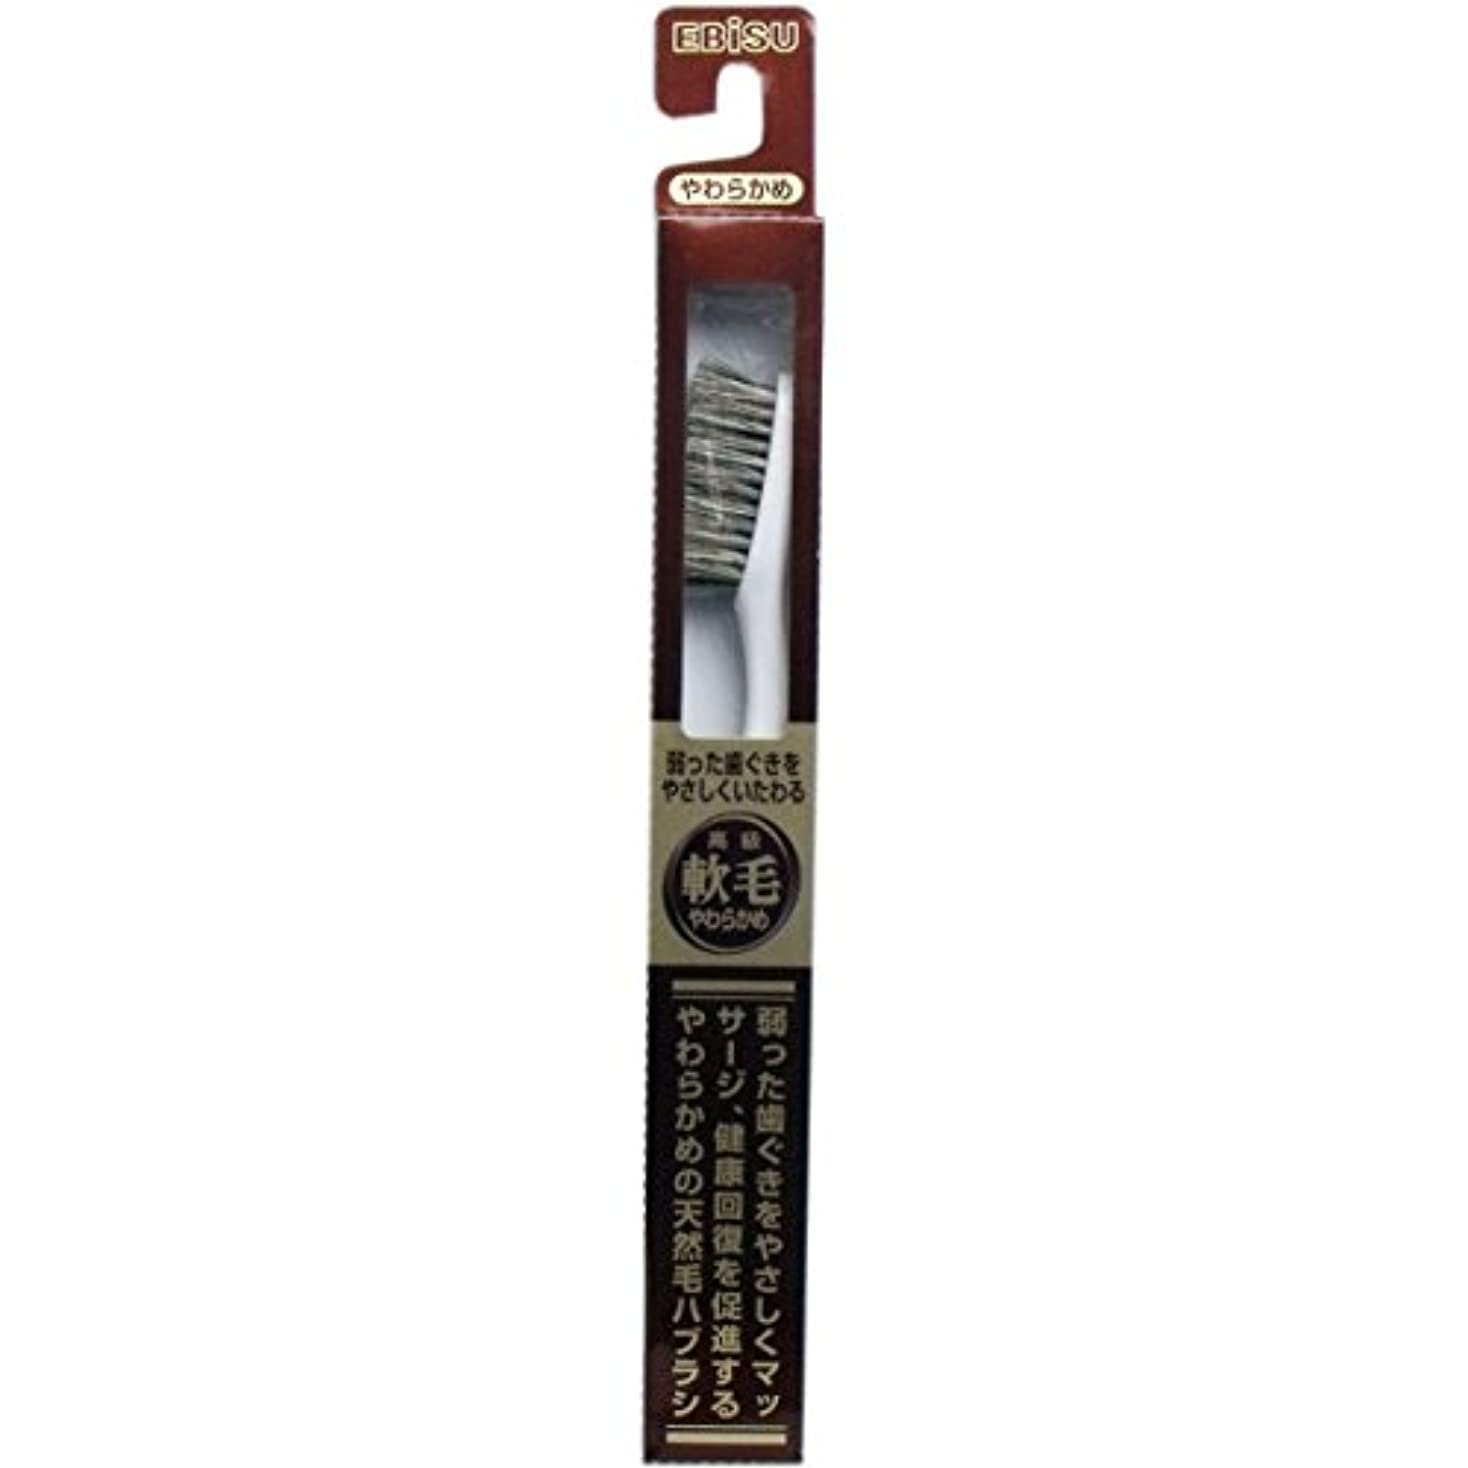 防止素晴らしき句【エビス】天然毛軟毛歯ブラシ 500 やわらかめ 1本 ×3個セット